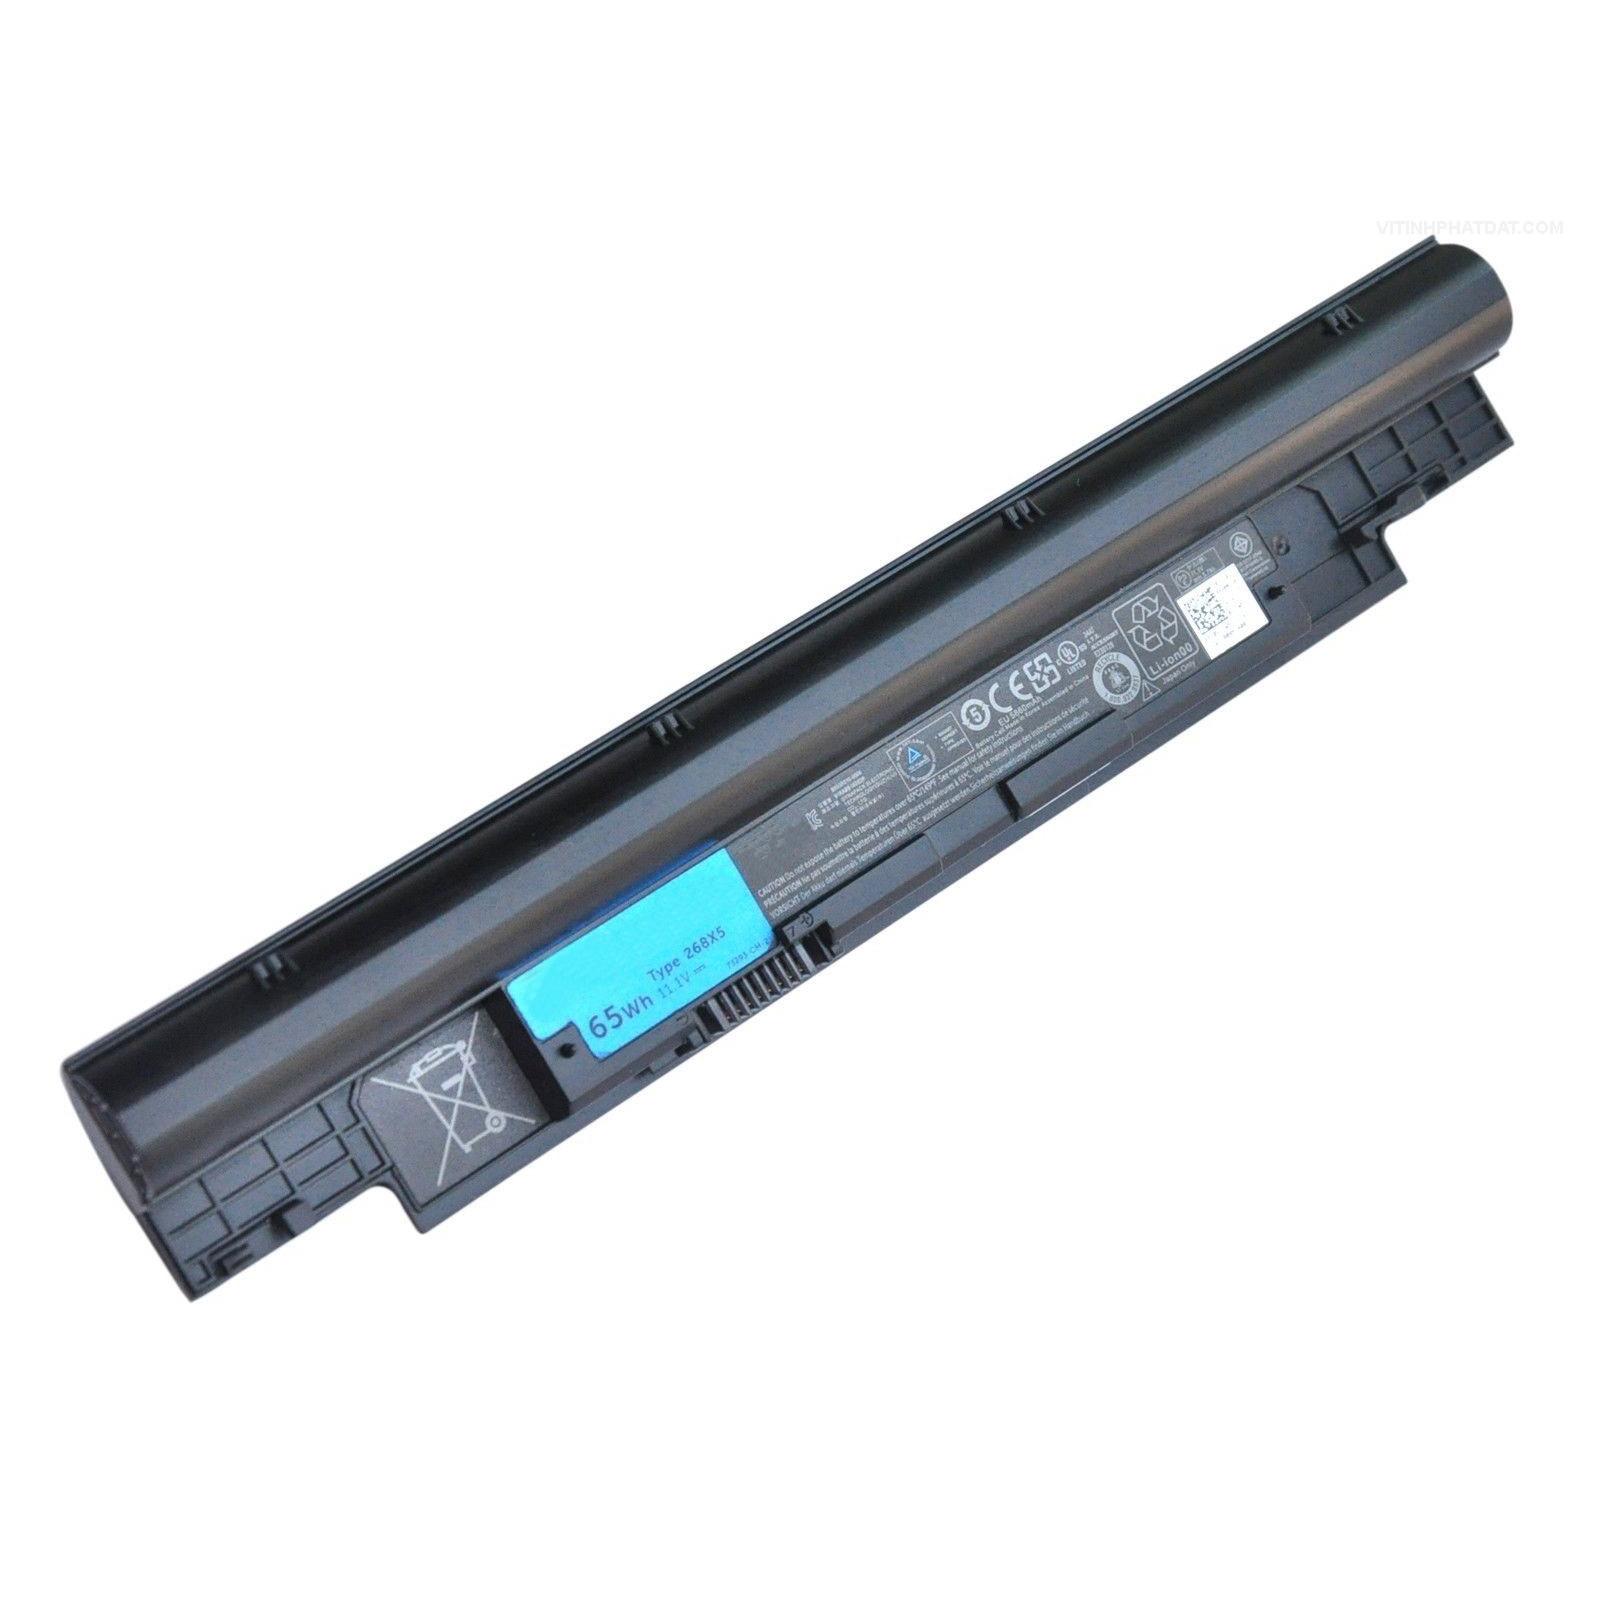 Pin dành cho Laptop DELL Inspiron N411z Vostro v131 - Hàng nhập khẩu